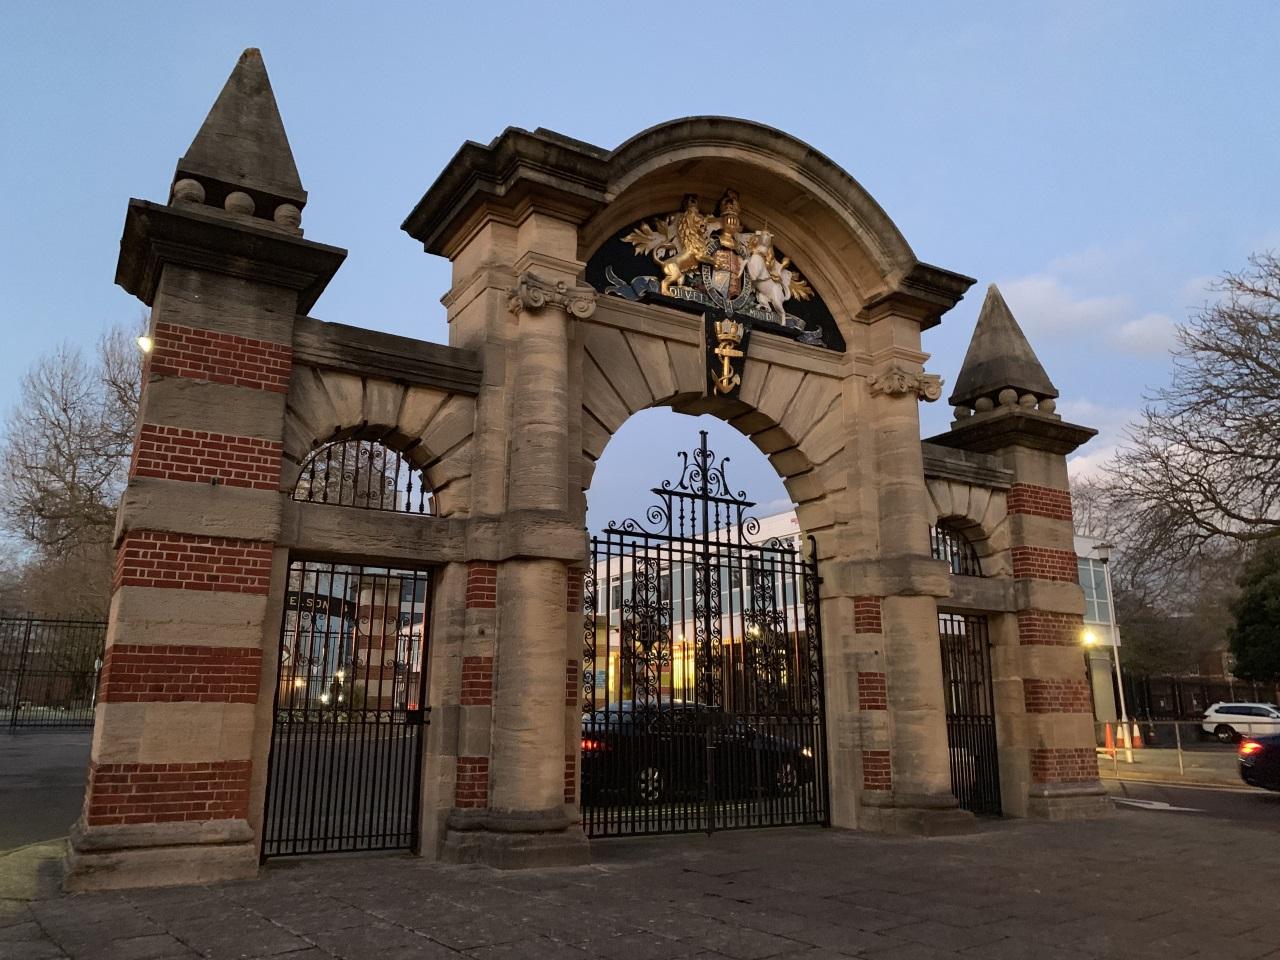 【現地ルポ】ロンドンから2時間、イギリス南部のポーツマスってどんな街?